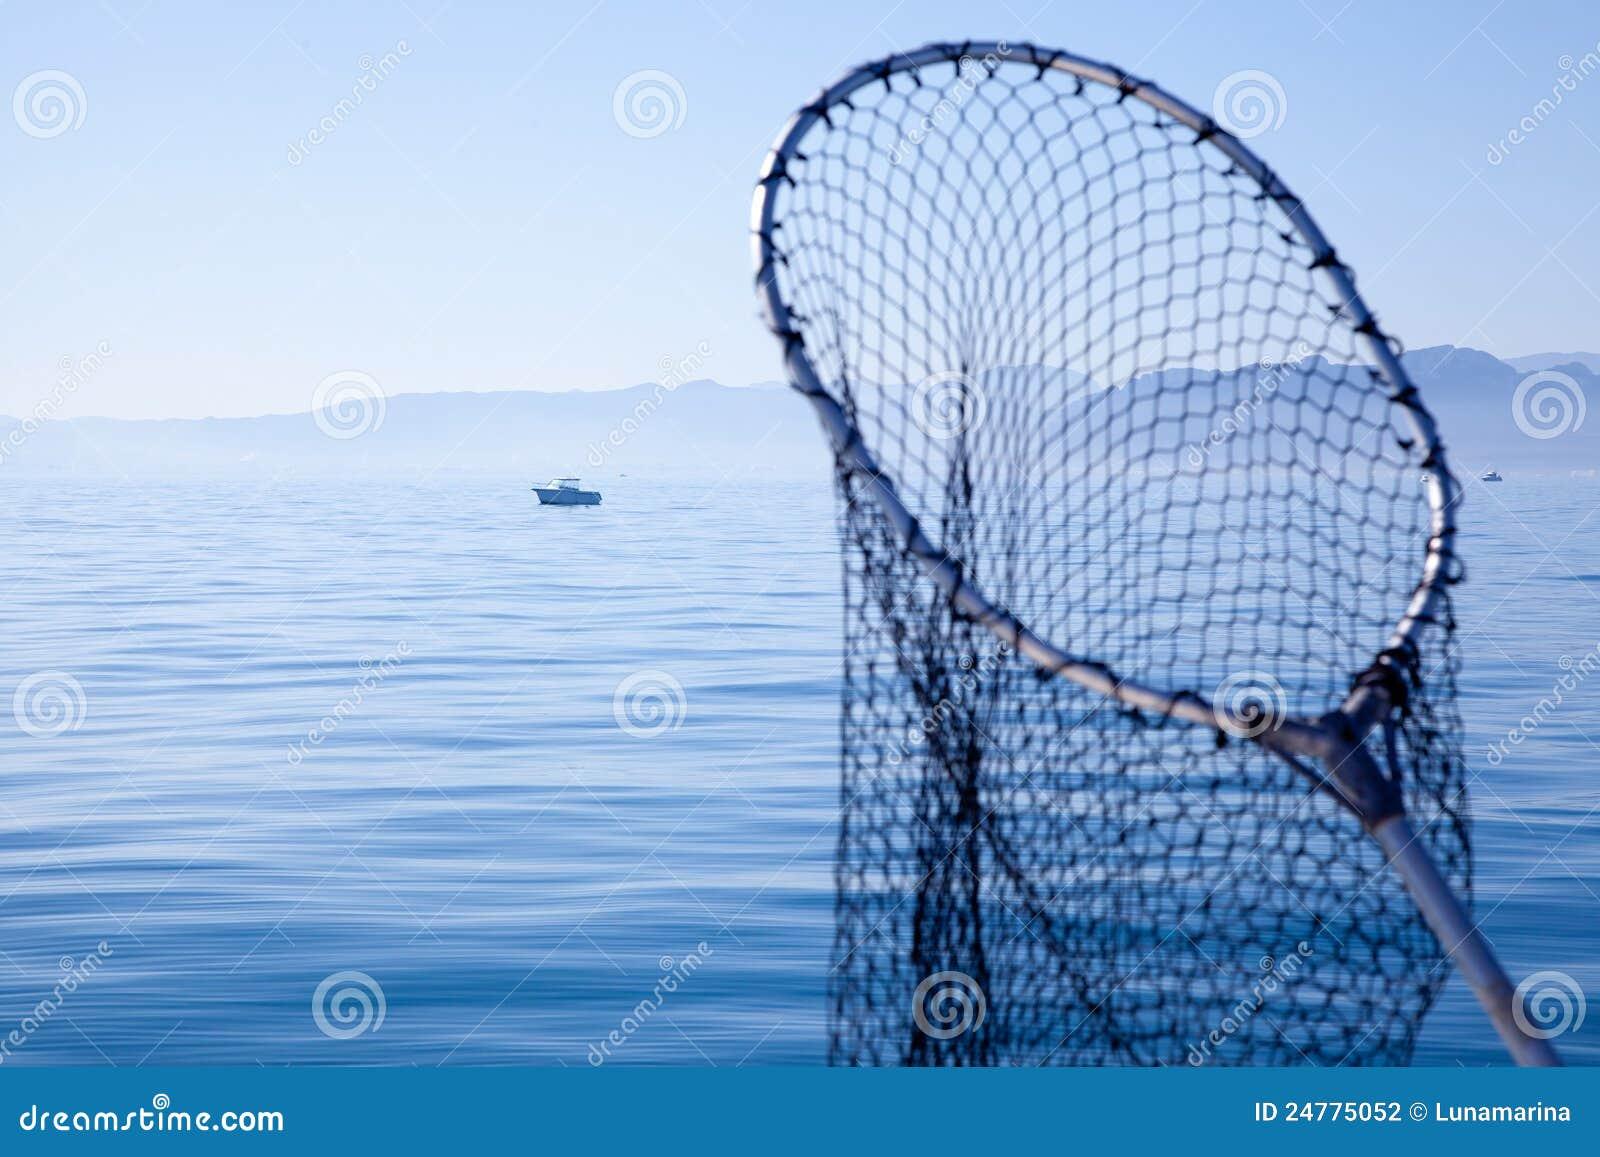 Fishing landing net in blue sea